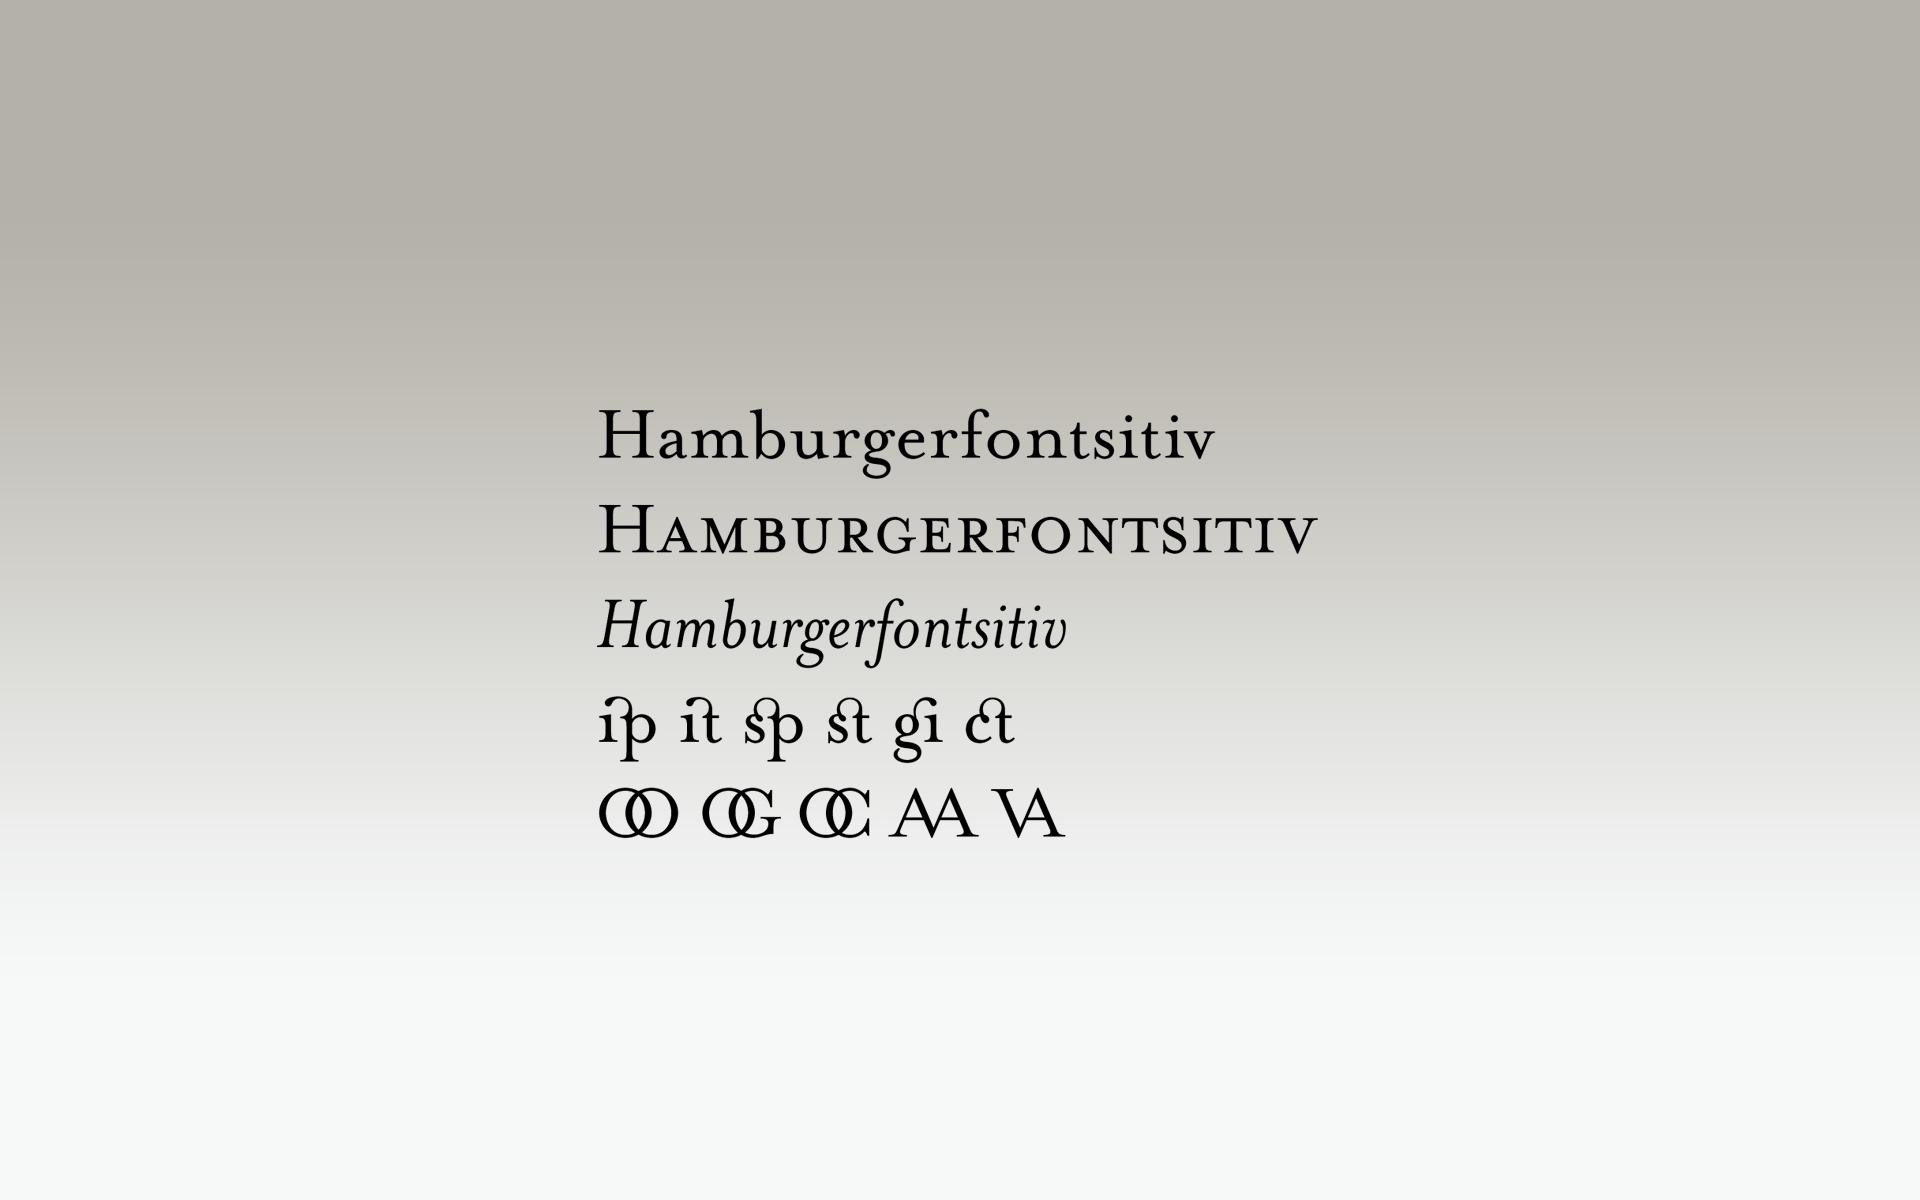 Gmund Papier, Schrift Mrs. Eaves für Corporate Design »Gasthof Jennerwein«.